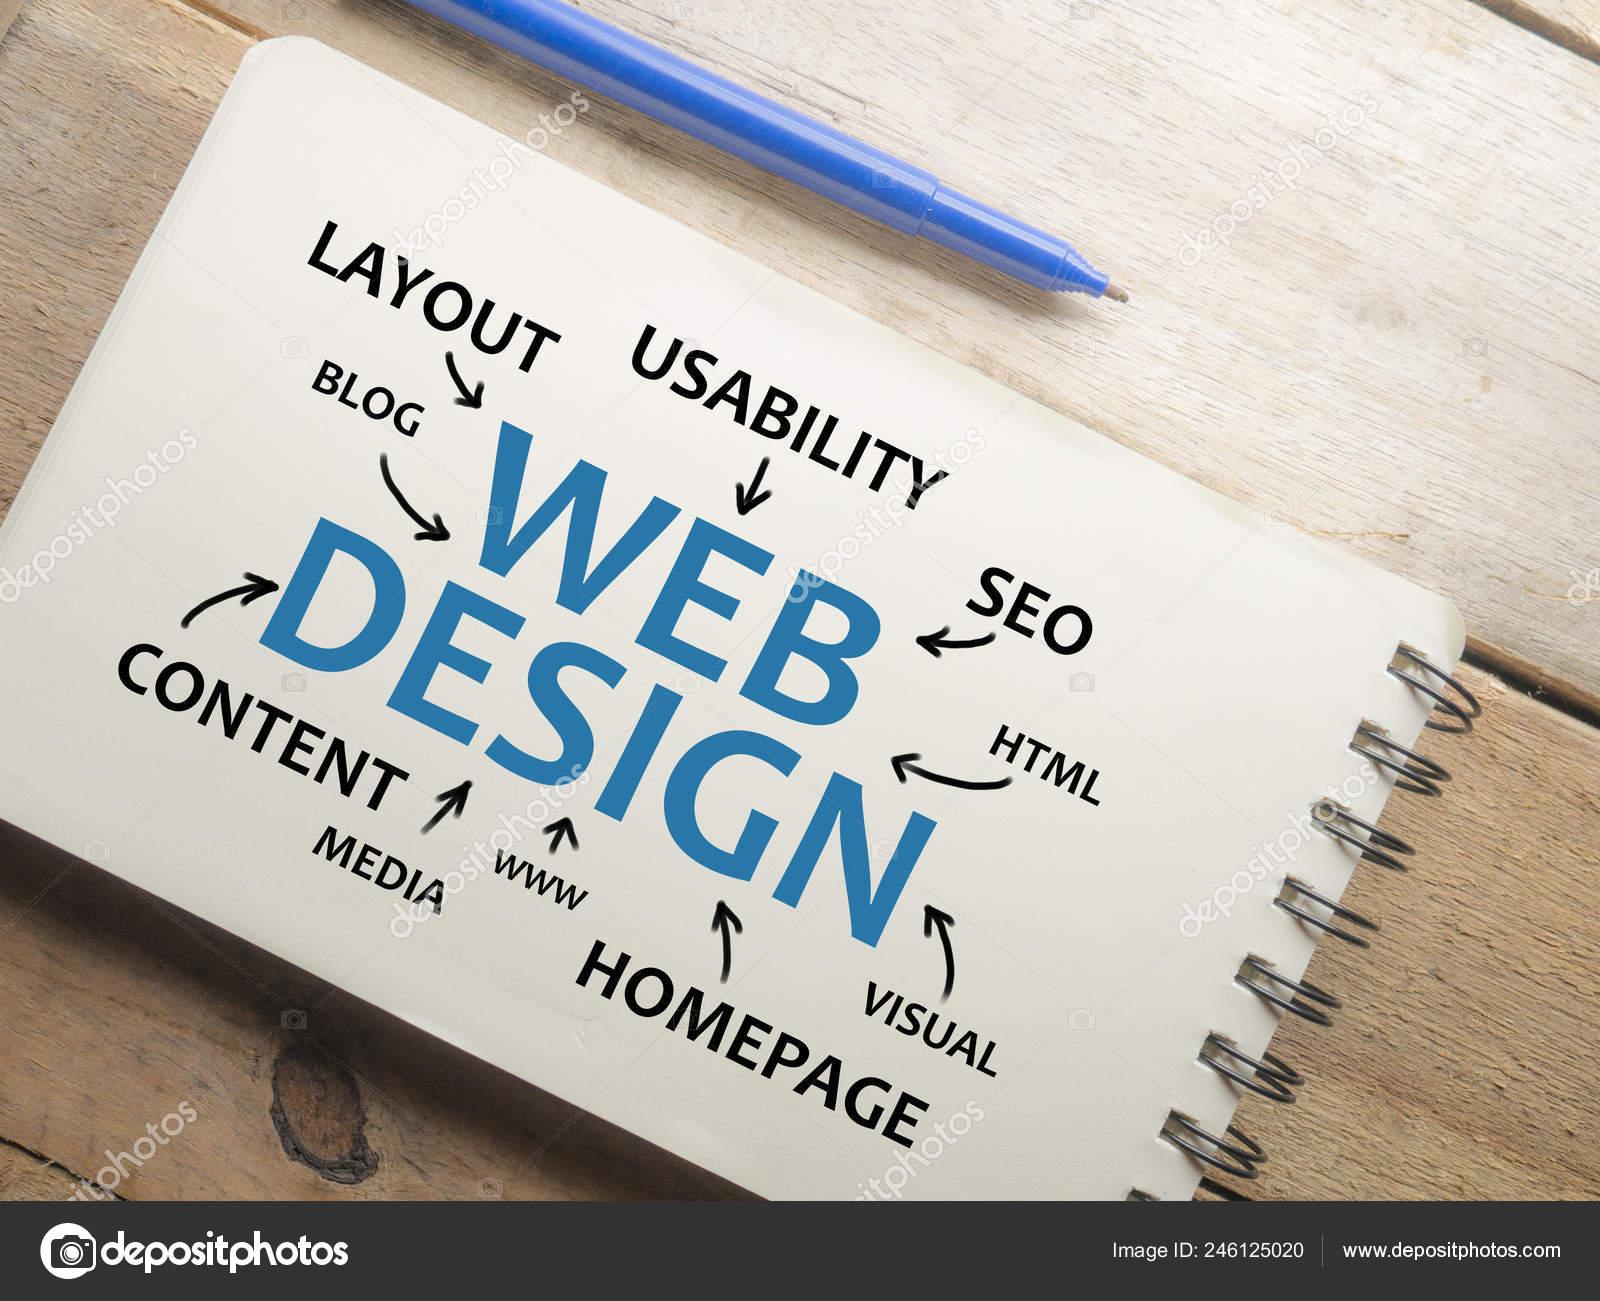 web design internet business technology motivational inspirational